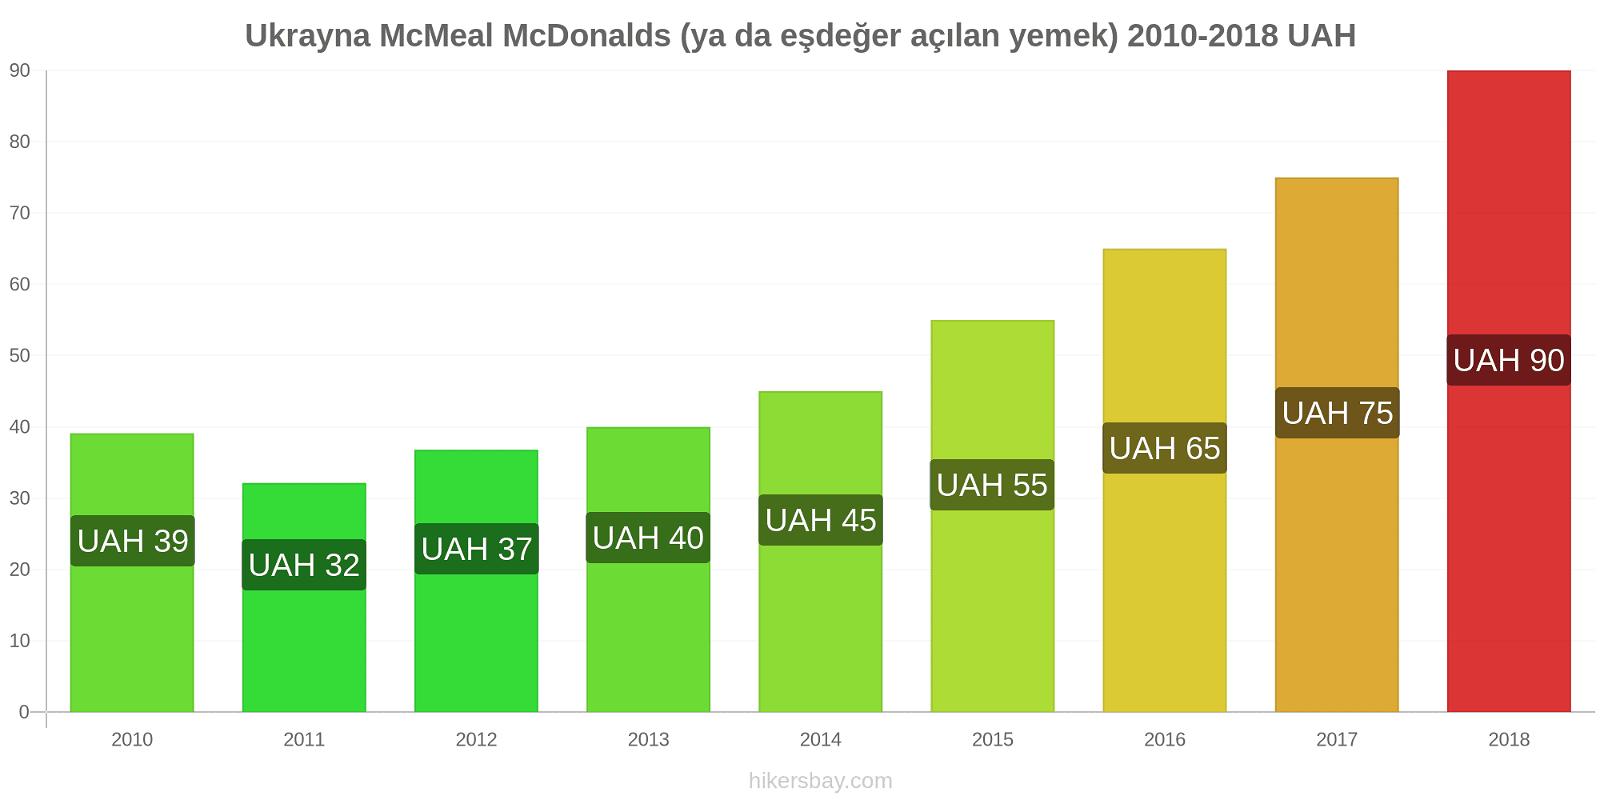 Ukrayna fiyat değişiklikleri McMeal McDonalds (ya da eşdeğer açılan yemek) hikersbay.com